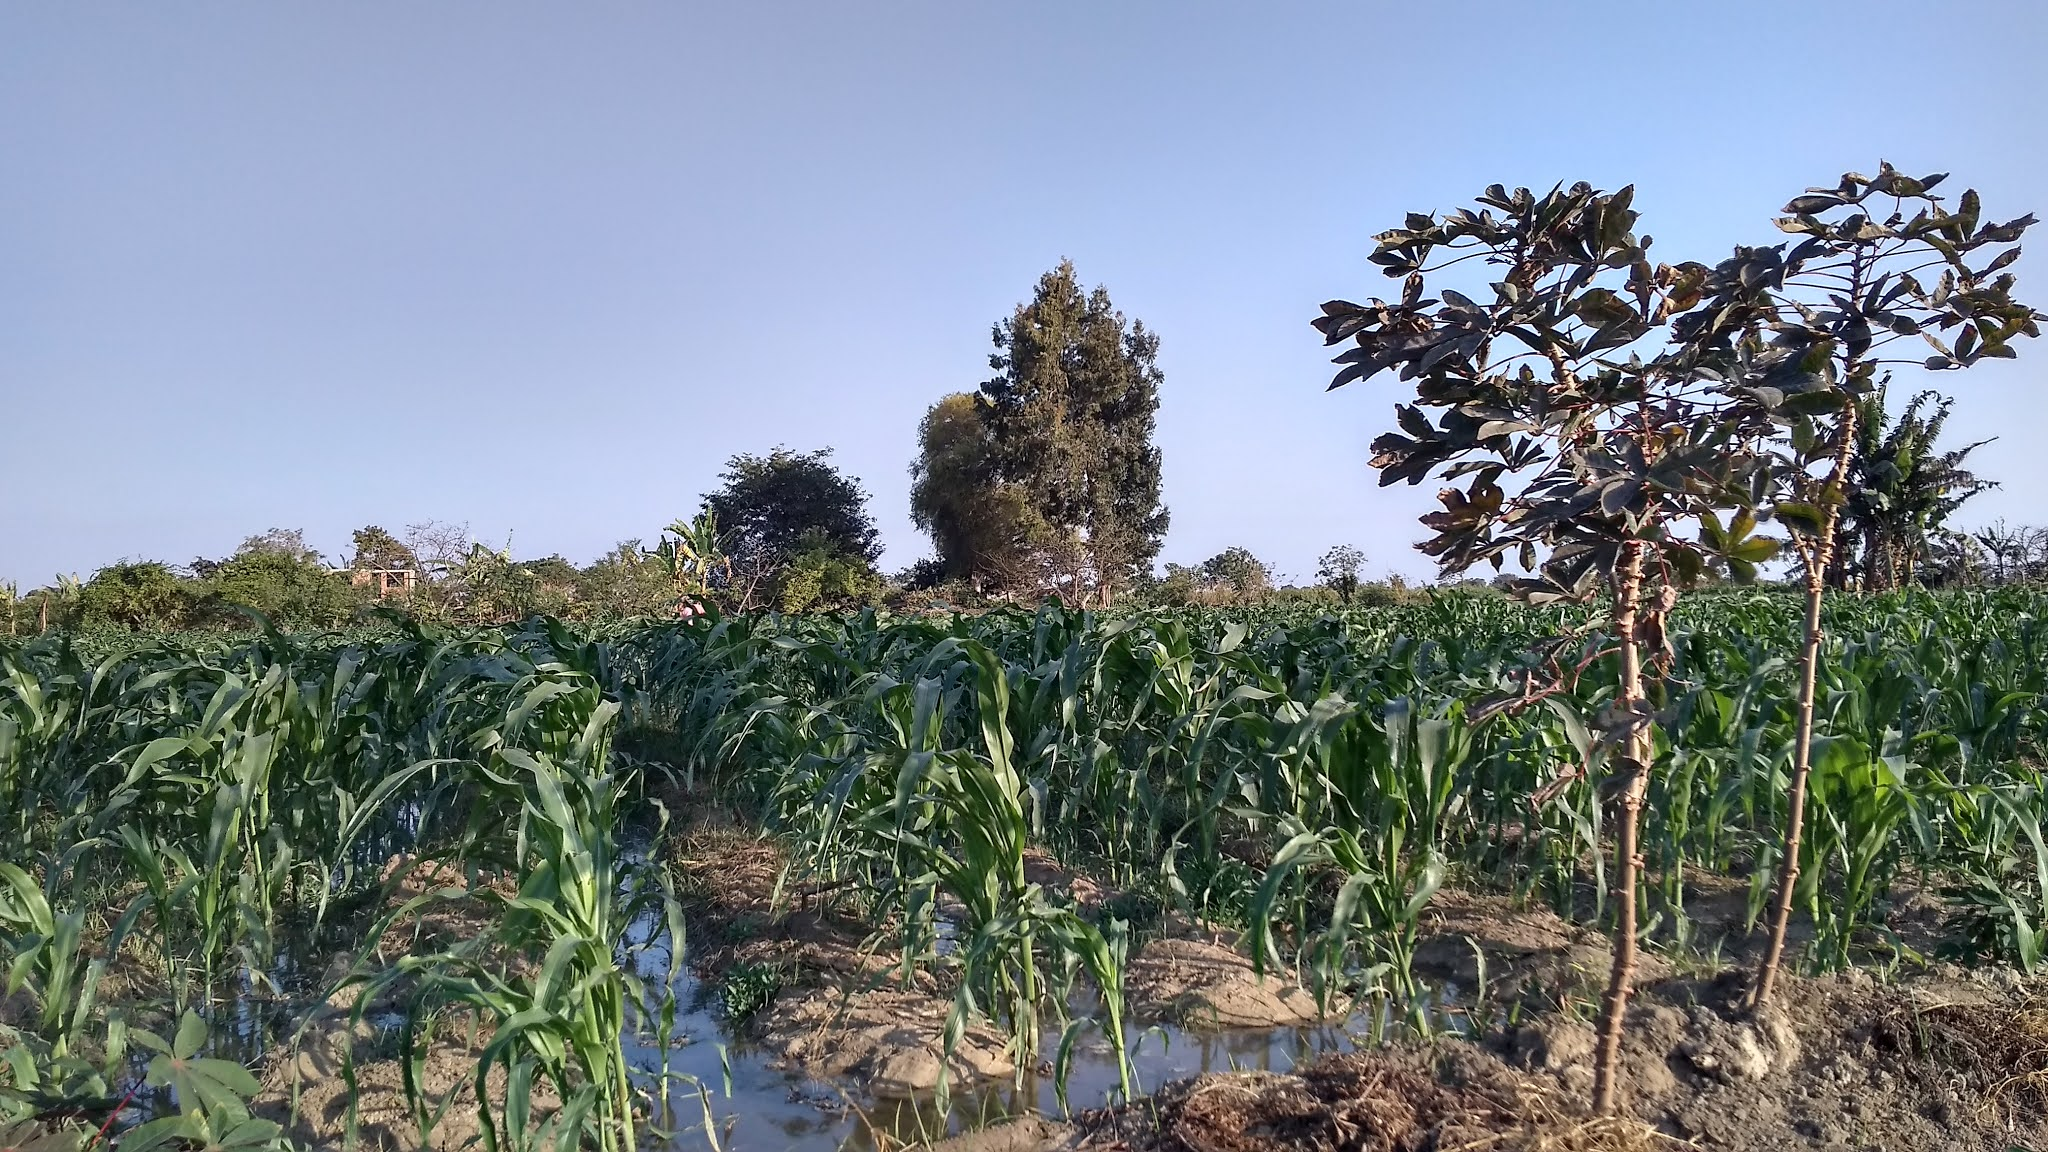 Siembra de maíz sobre una chacra